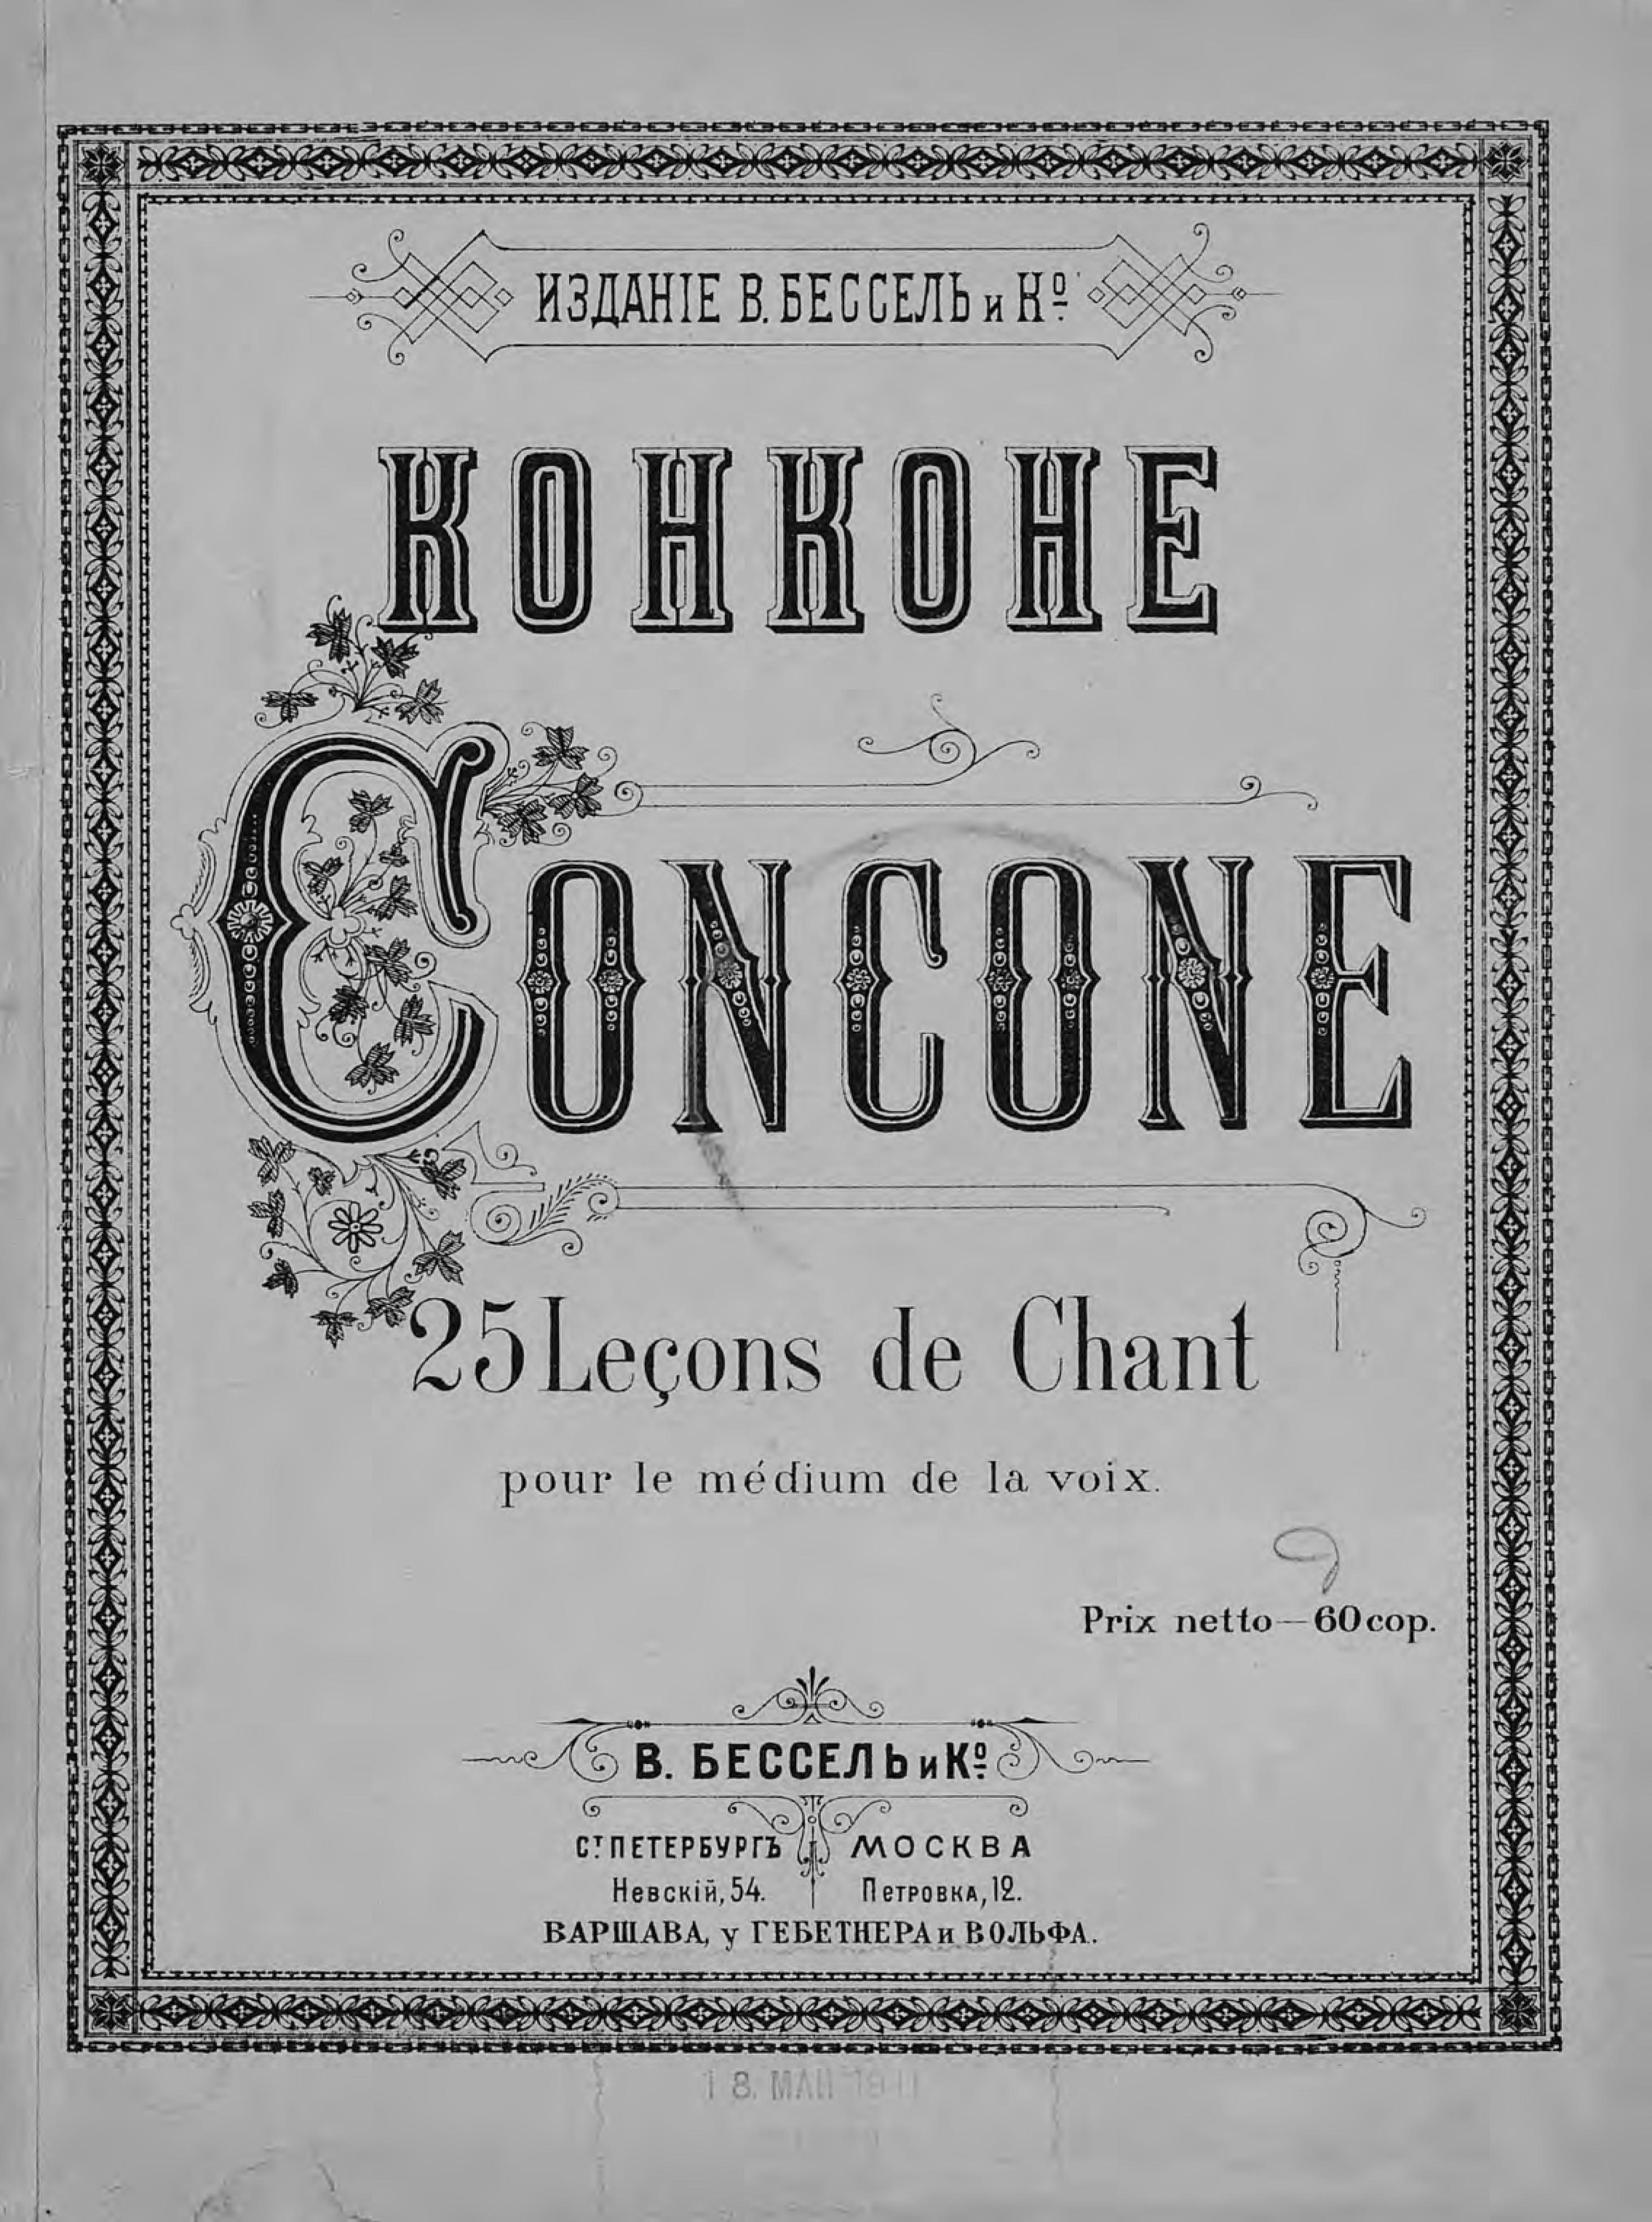 Джузеппе Конконе 25 Lecons de Chant pour le medium de la voix v der indy le chant de la cloche op 18